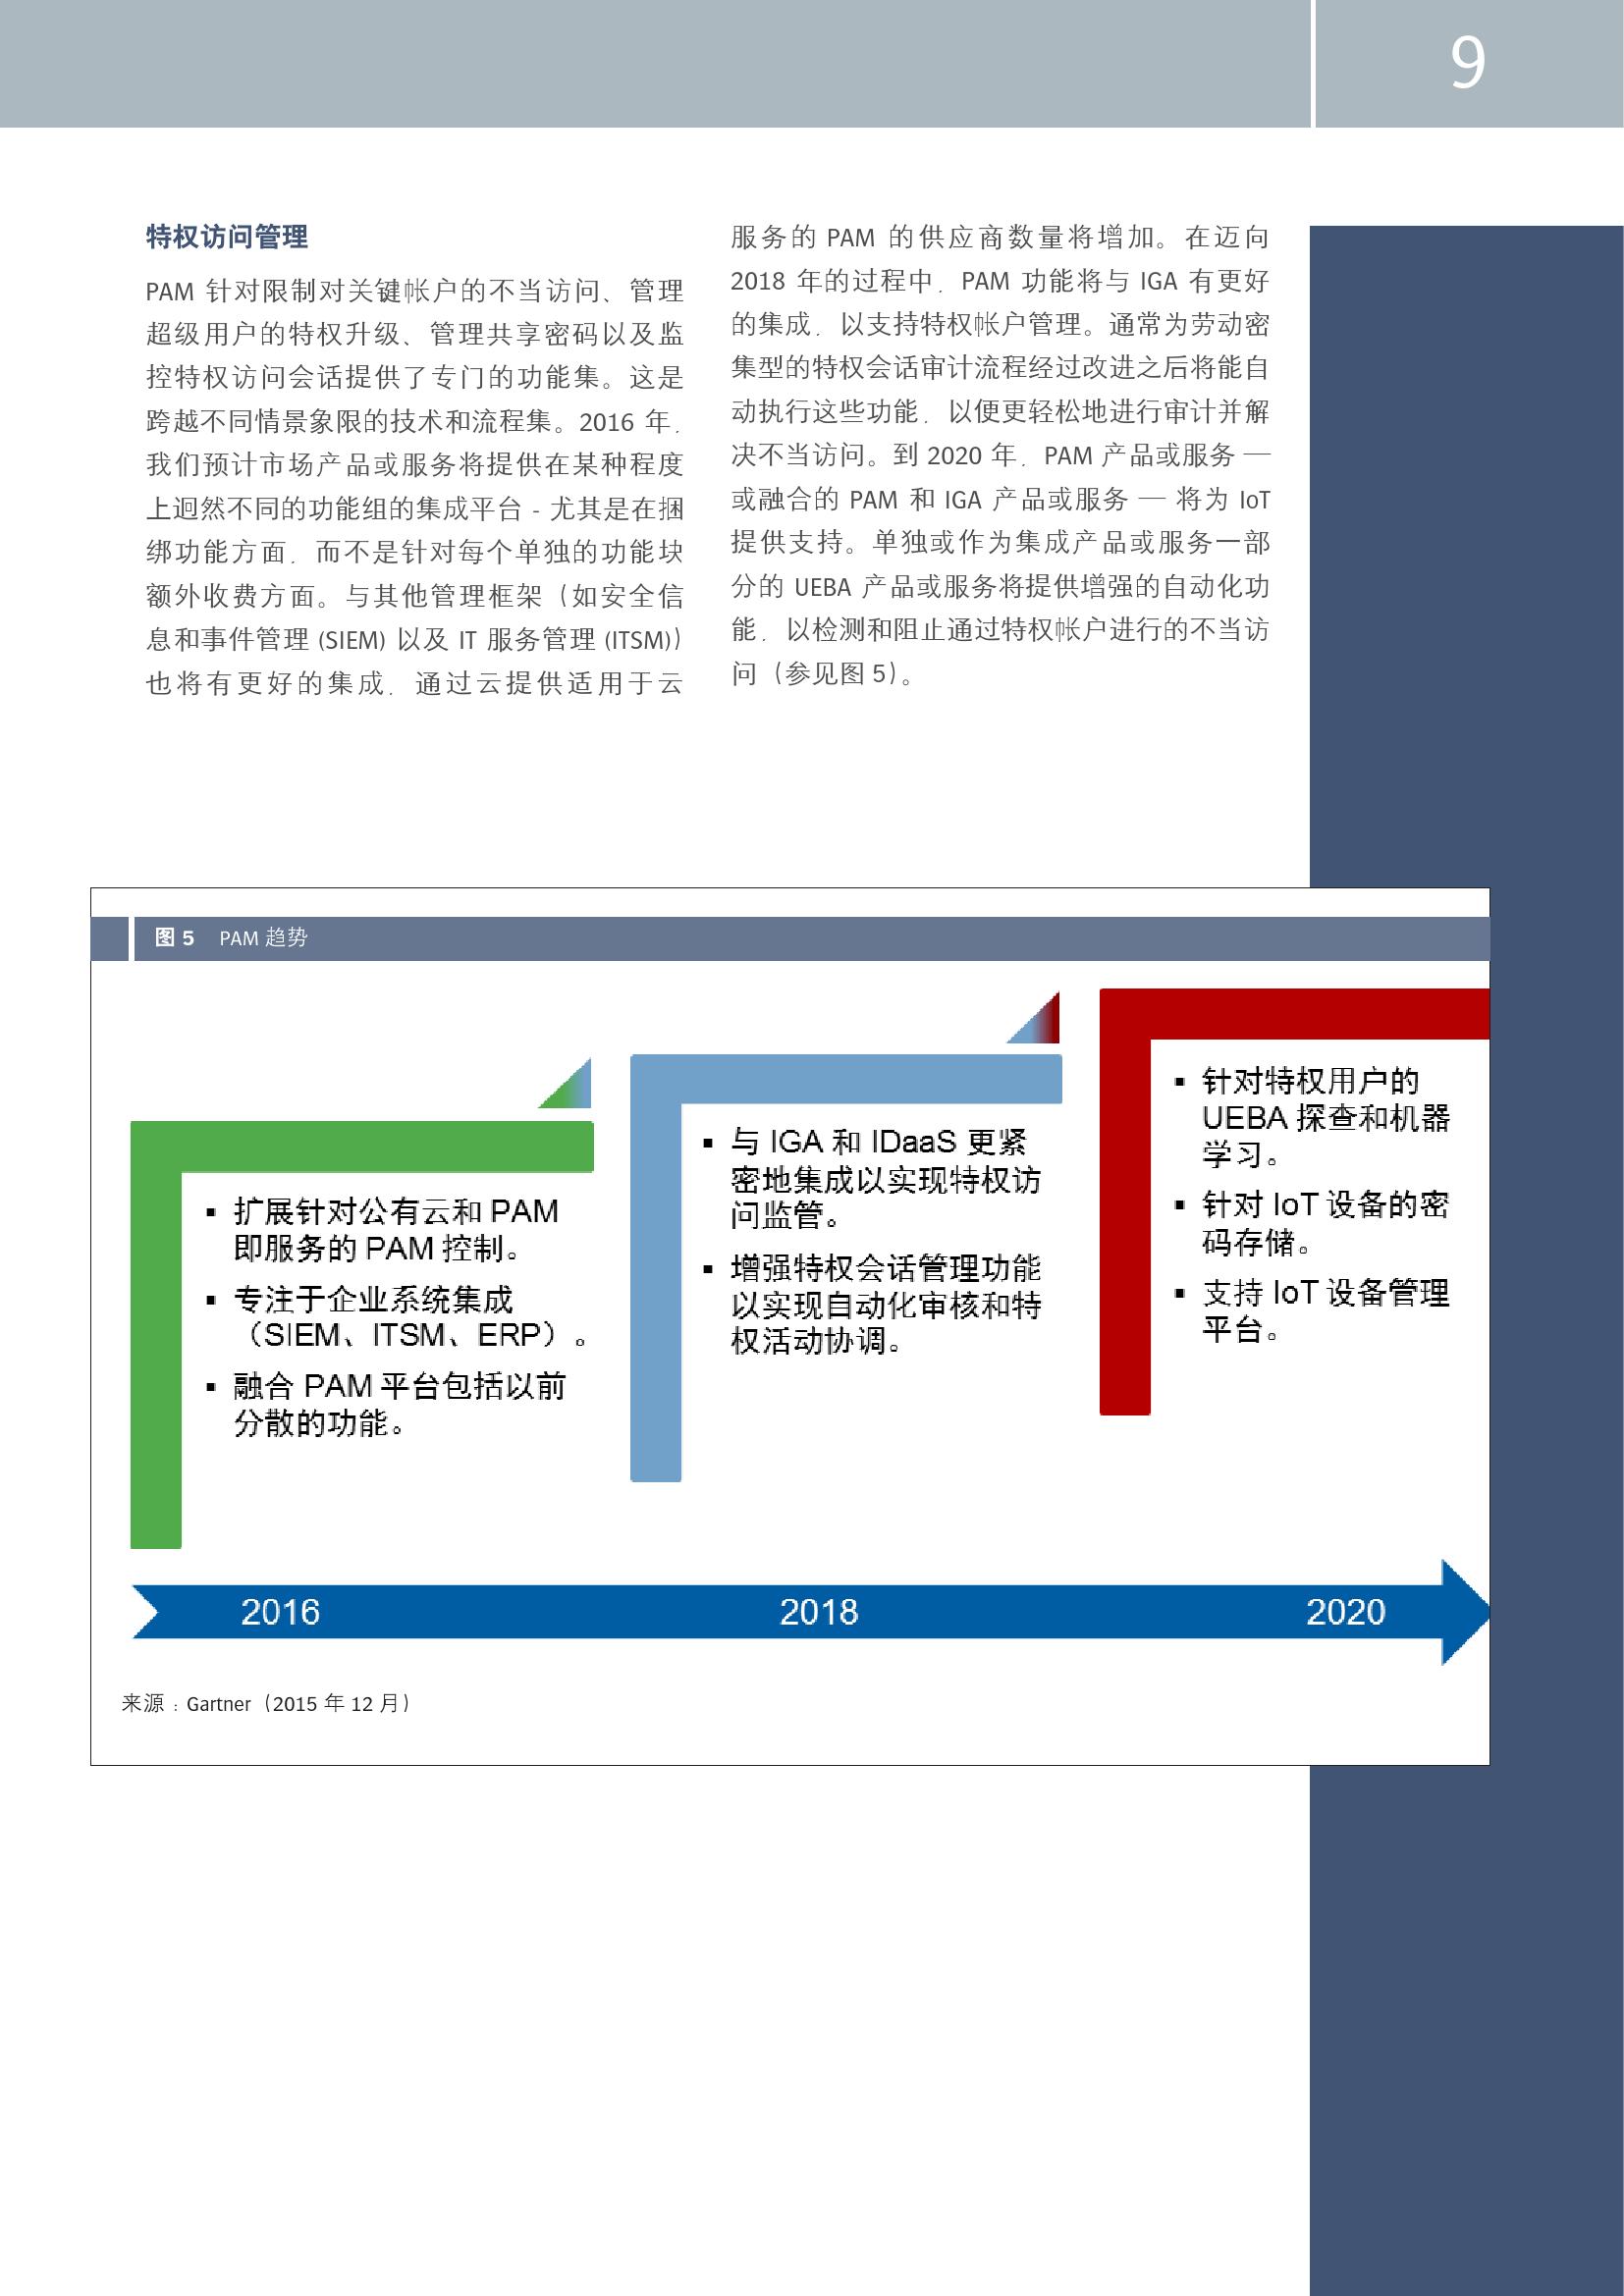 中国企业市场前瞻_000009